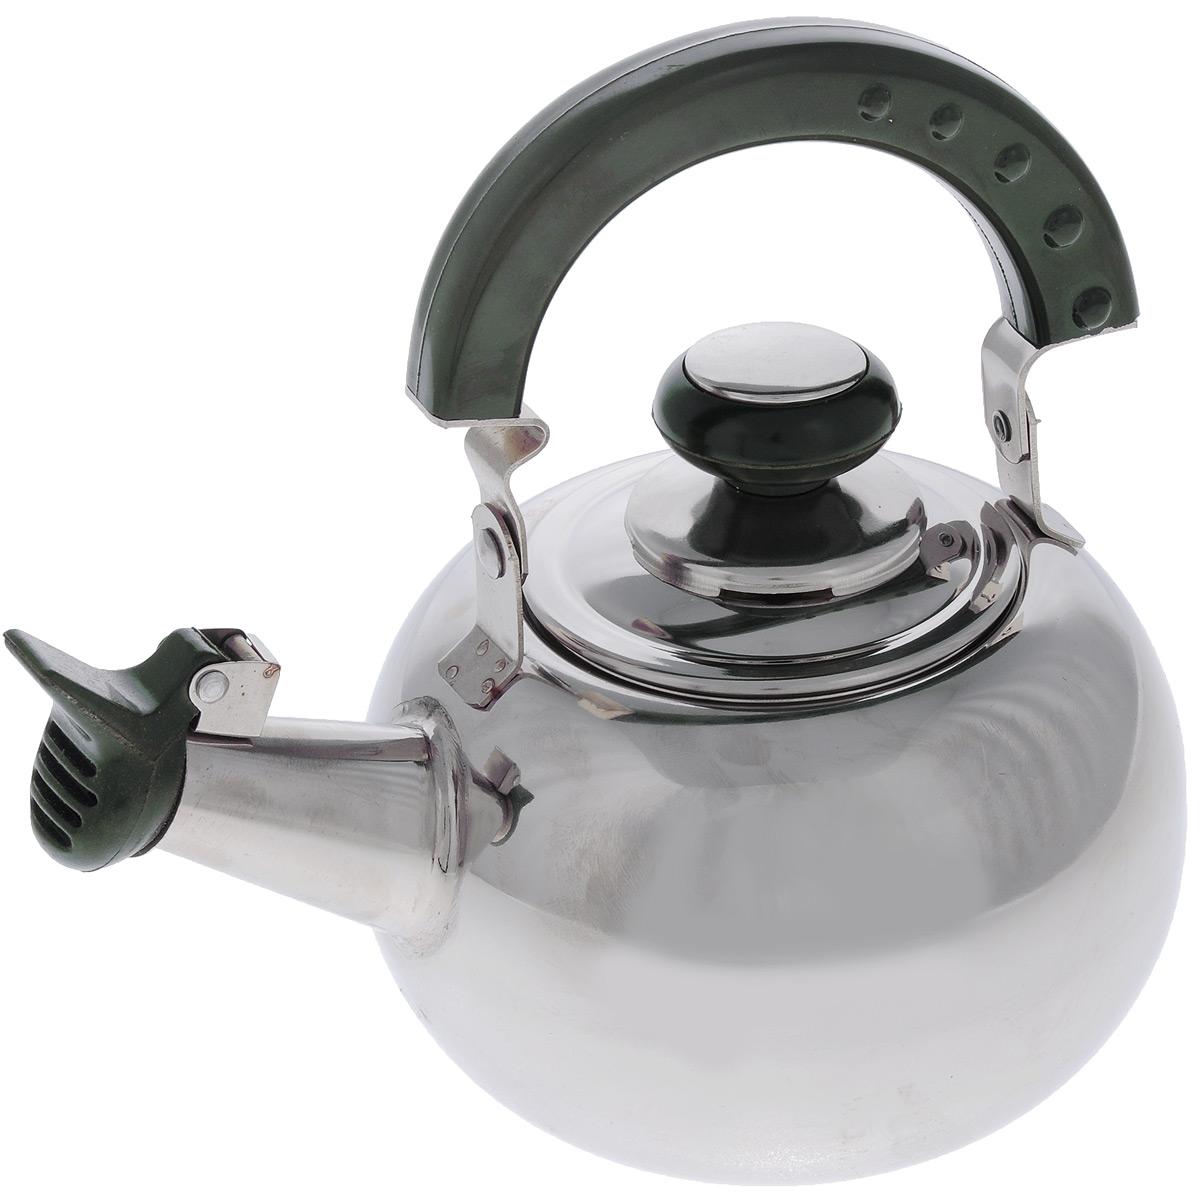 Чайник Mayer & Boch со свистком, с ситечком, 1 л20139Чайник Mayer & Boch изготовлен из высококачественной нержавеющей стали.Нержавеющая сталь обладает высокой устойчивостью к коррозии, не вступает в реакцию с холодными и горячими продуктами и полностью сохраняет их вкусовые качества. Особая конструкция дна способствует высокой теплопроводности и равномерному распределению тепла. Внешнее зеркальное покрытие придает приятный внешний вид. Бакелитовая ручка делает использование чайника очень удобным и безопасным. Чайник снабжен свистком и ситечком для заваривания. Чайник Mayer & Boch пригоден для использования на всех видах плит, кроме индукционных. Можно мыть в посудомоечной машине.Диаметр по верхнему краю: 8 см.Диаметр основания: 8,5 см.Высота с учетом крышки: 12 см.Диаметр ситечка: 7 см.Высота ситечка: 6,5 см.